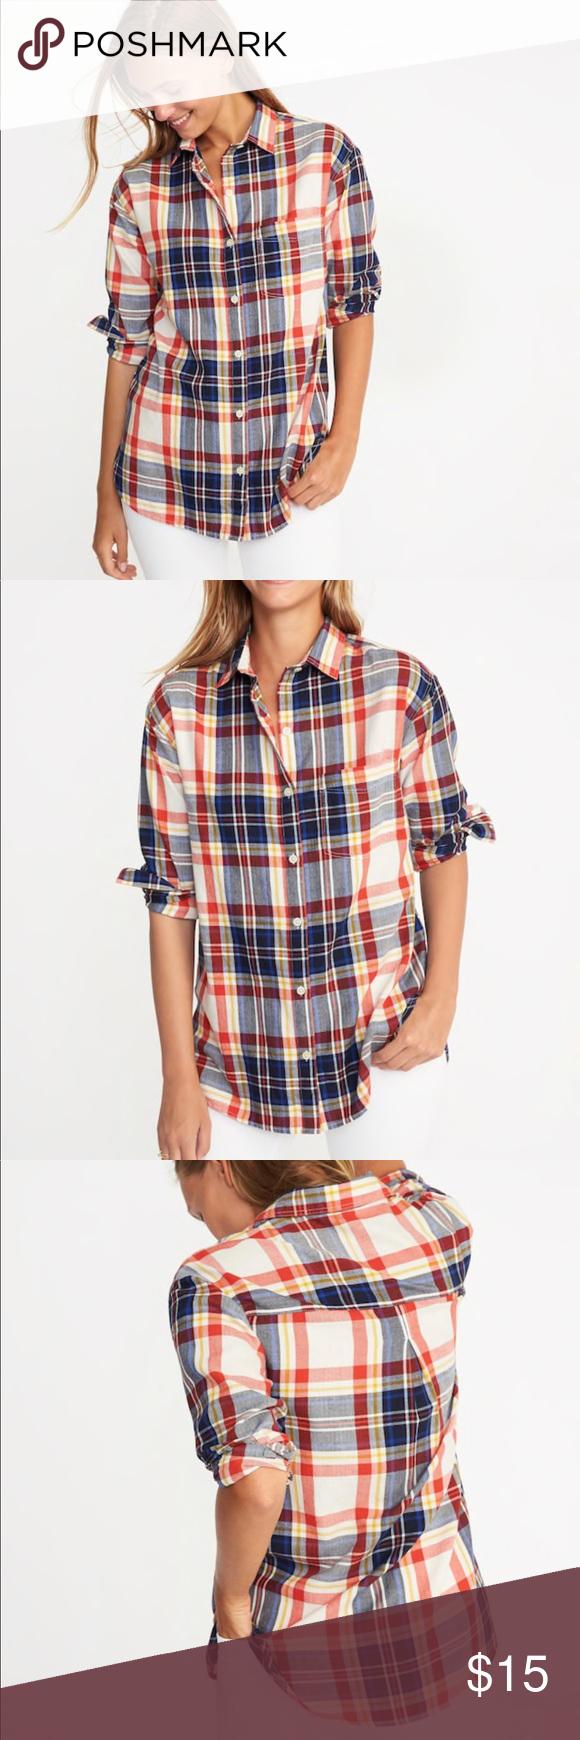 Flannel shirt women   Old Navy Womens Boyfriend Plaid Flannel Shirt  Navy women Plaid